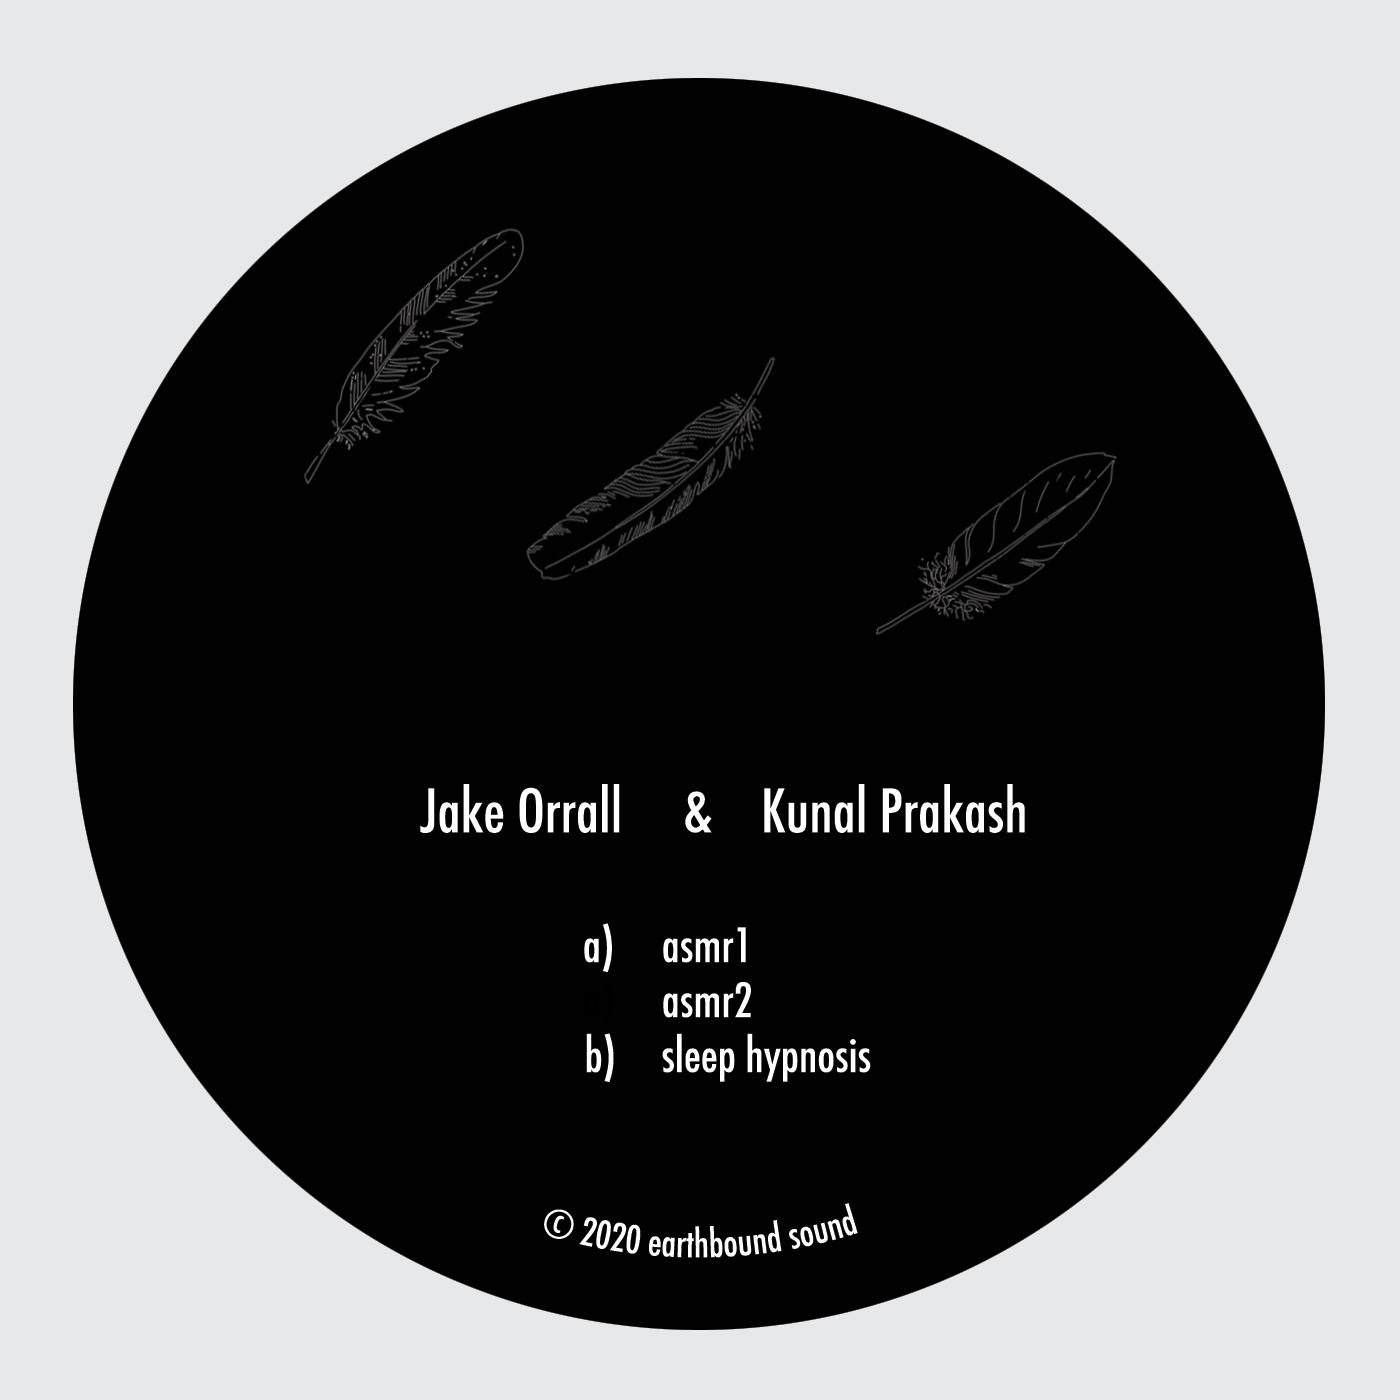 Jake Orrall & Kunal Prakash - ASMR1 12